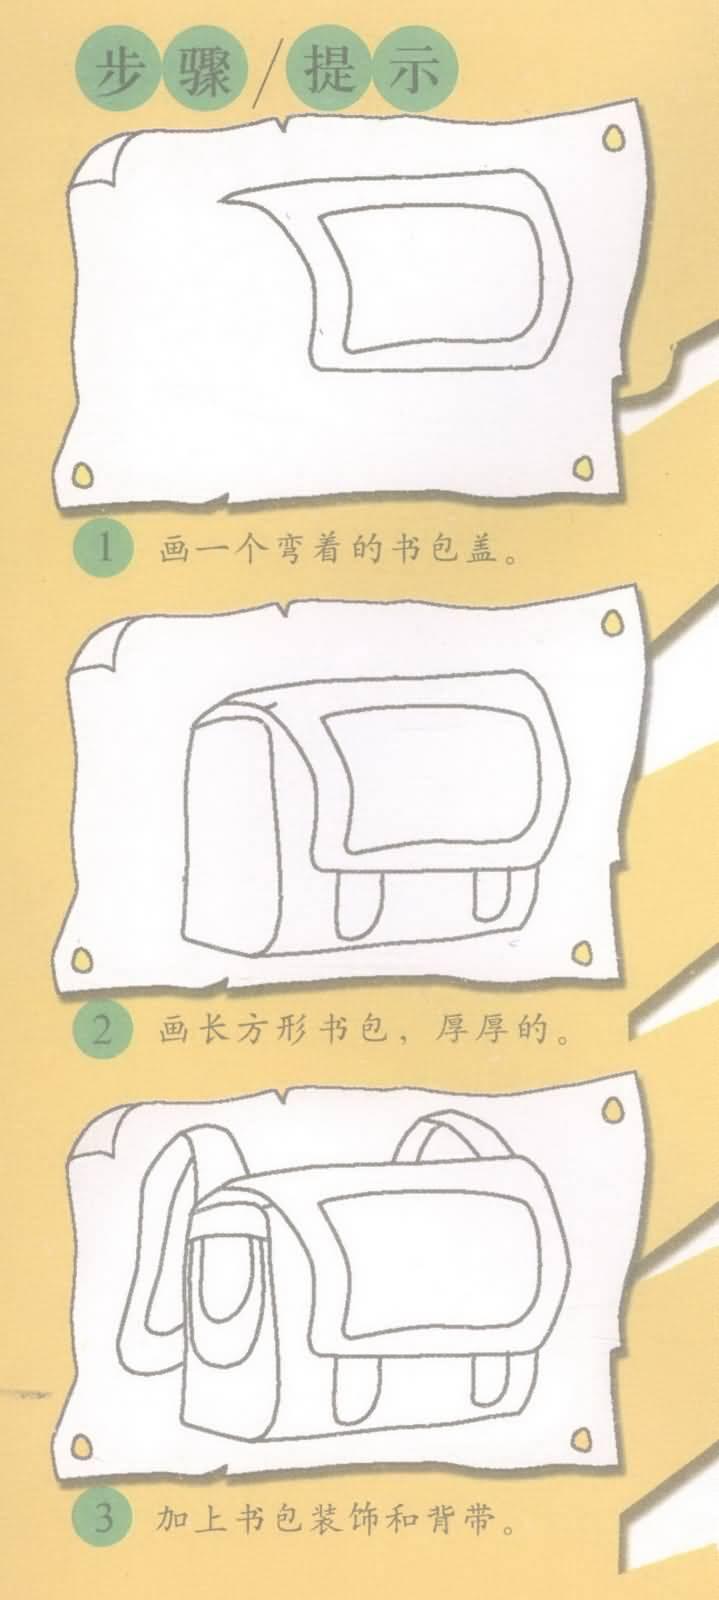 小学生读书简笔画内容图片展示_小学生读书简笔画